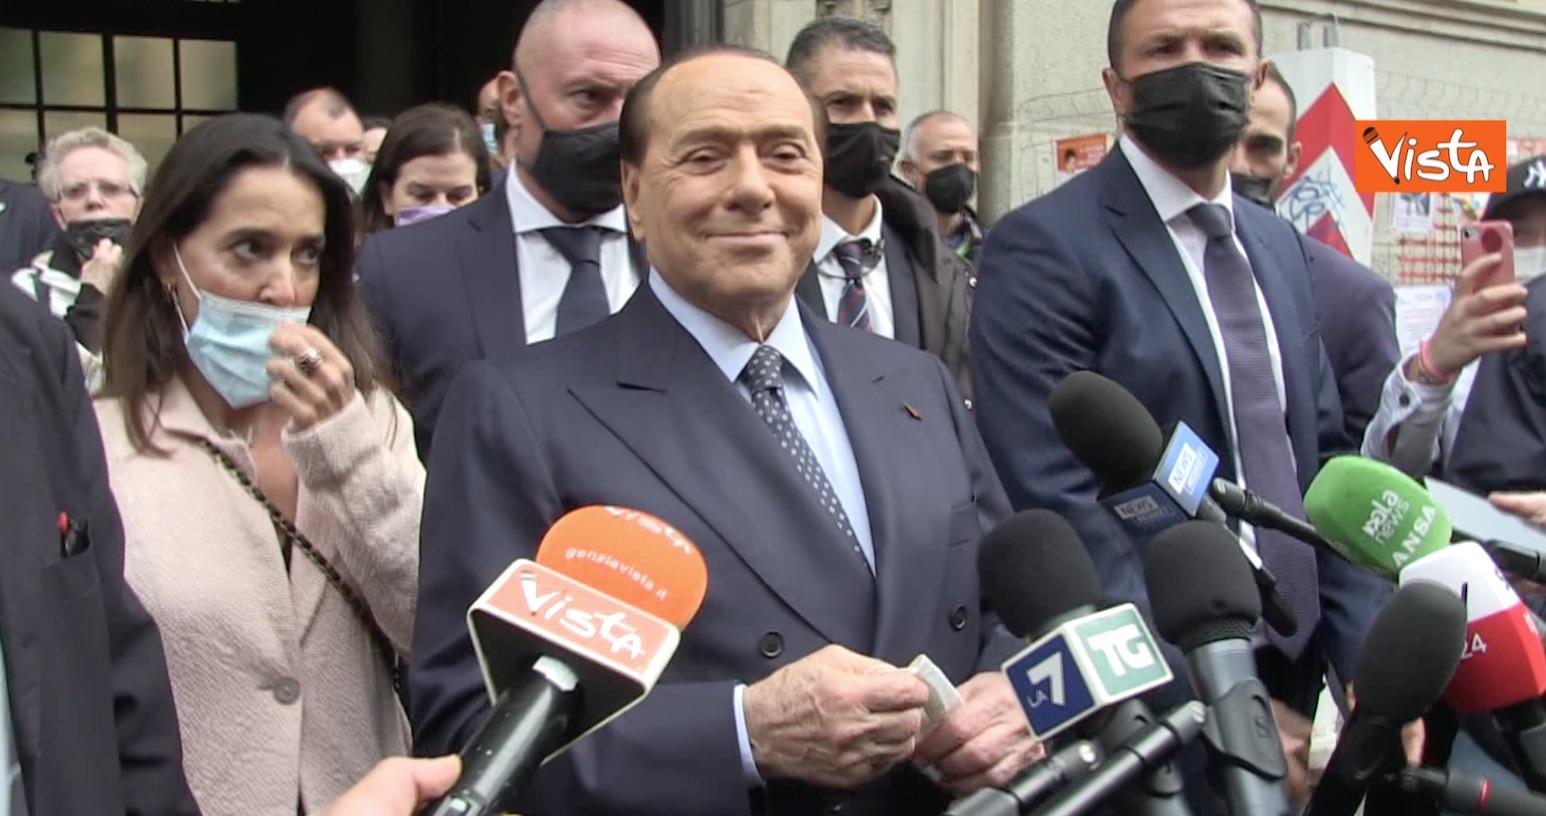 Berlusconi riappare al seggio di Milano, la frecciata a Salvini e Meloni:  «I candidati sindaco? Meglio cambiare sistema» - Il video - Open